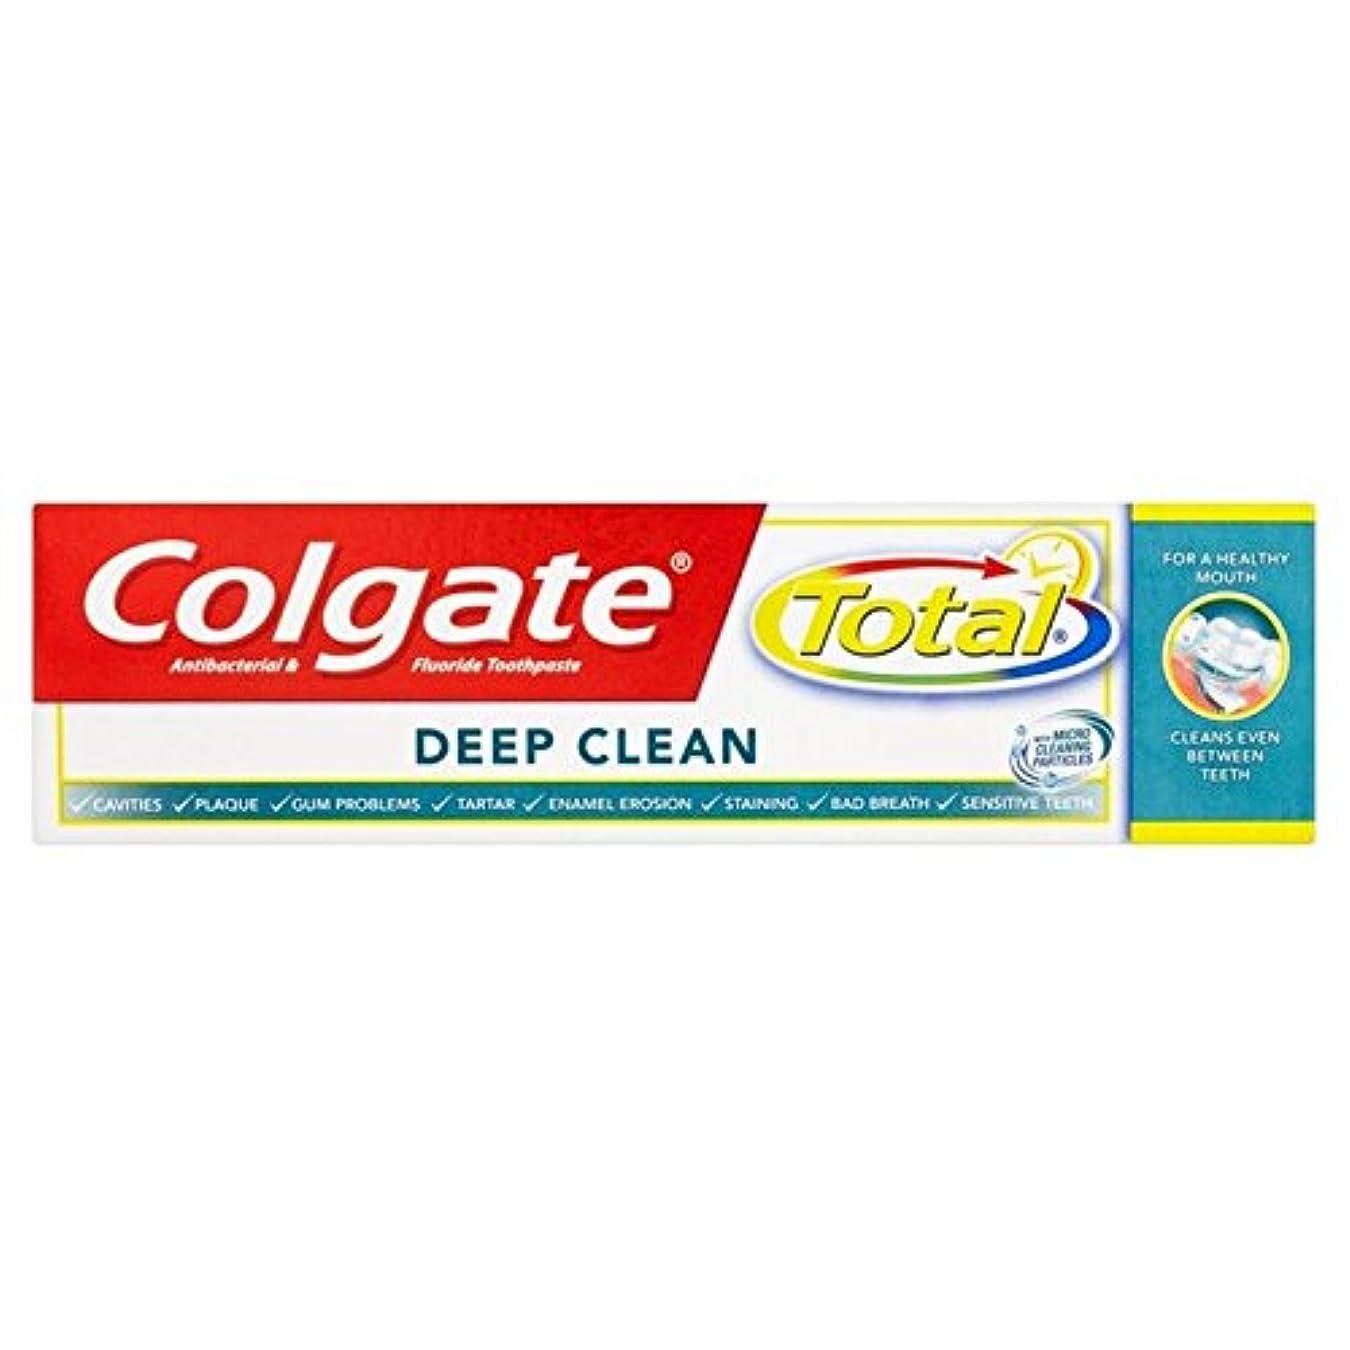 破壊国旗デイジーコルゲートトータル深いクリーン歯磨き粉75ミリリットル x2 - Colgate Total Deep Clean Toothpaste 75ml (Pack of 2) [並行輸入品]